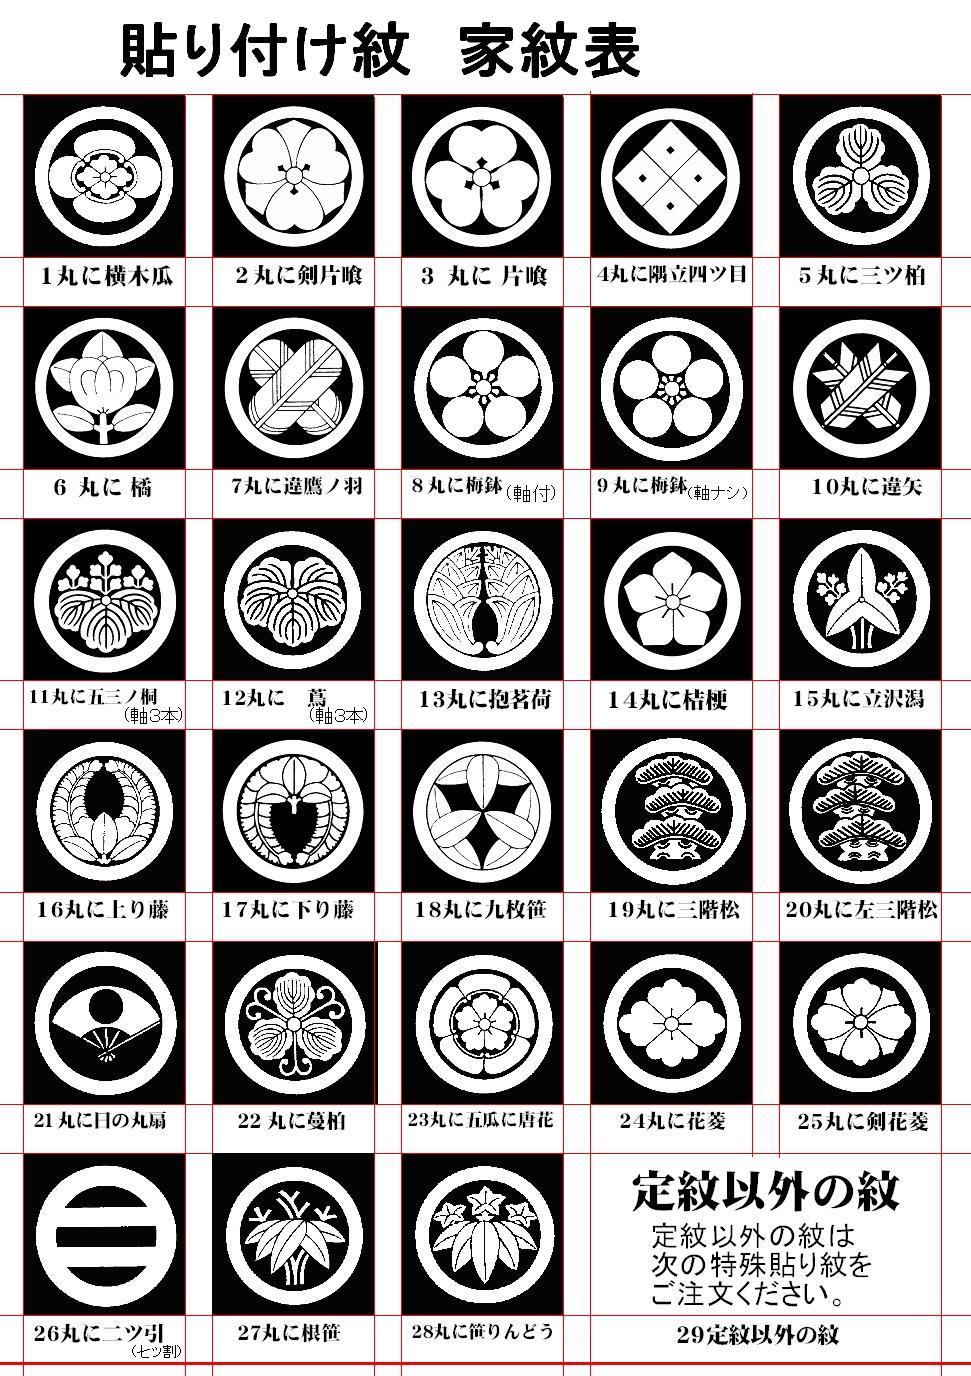 貼り紋(別注紋) : 携帯からコピーする方法 : すべての講義